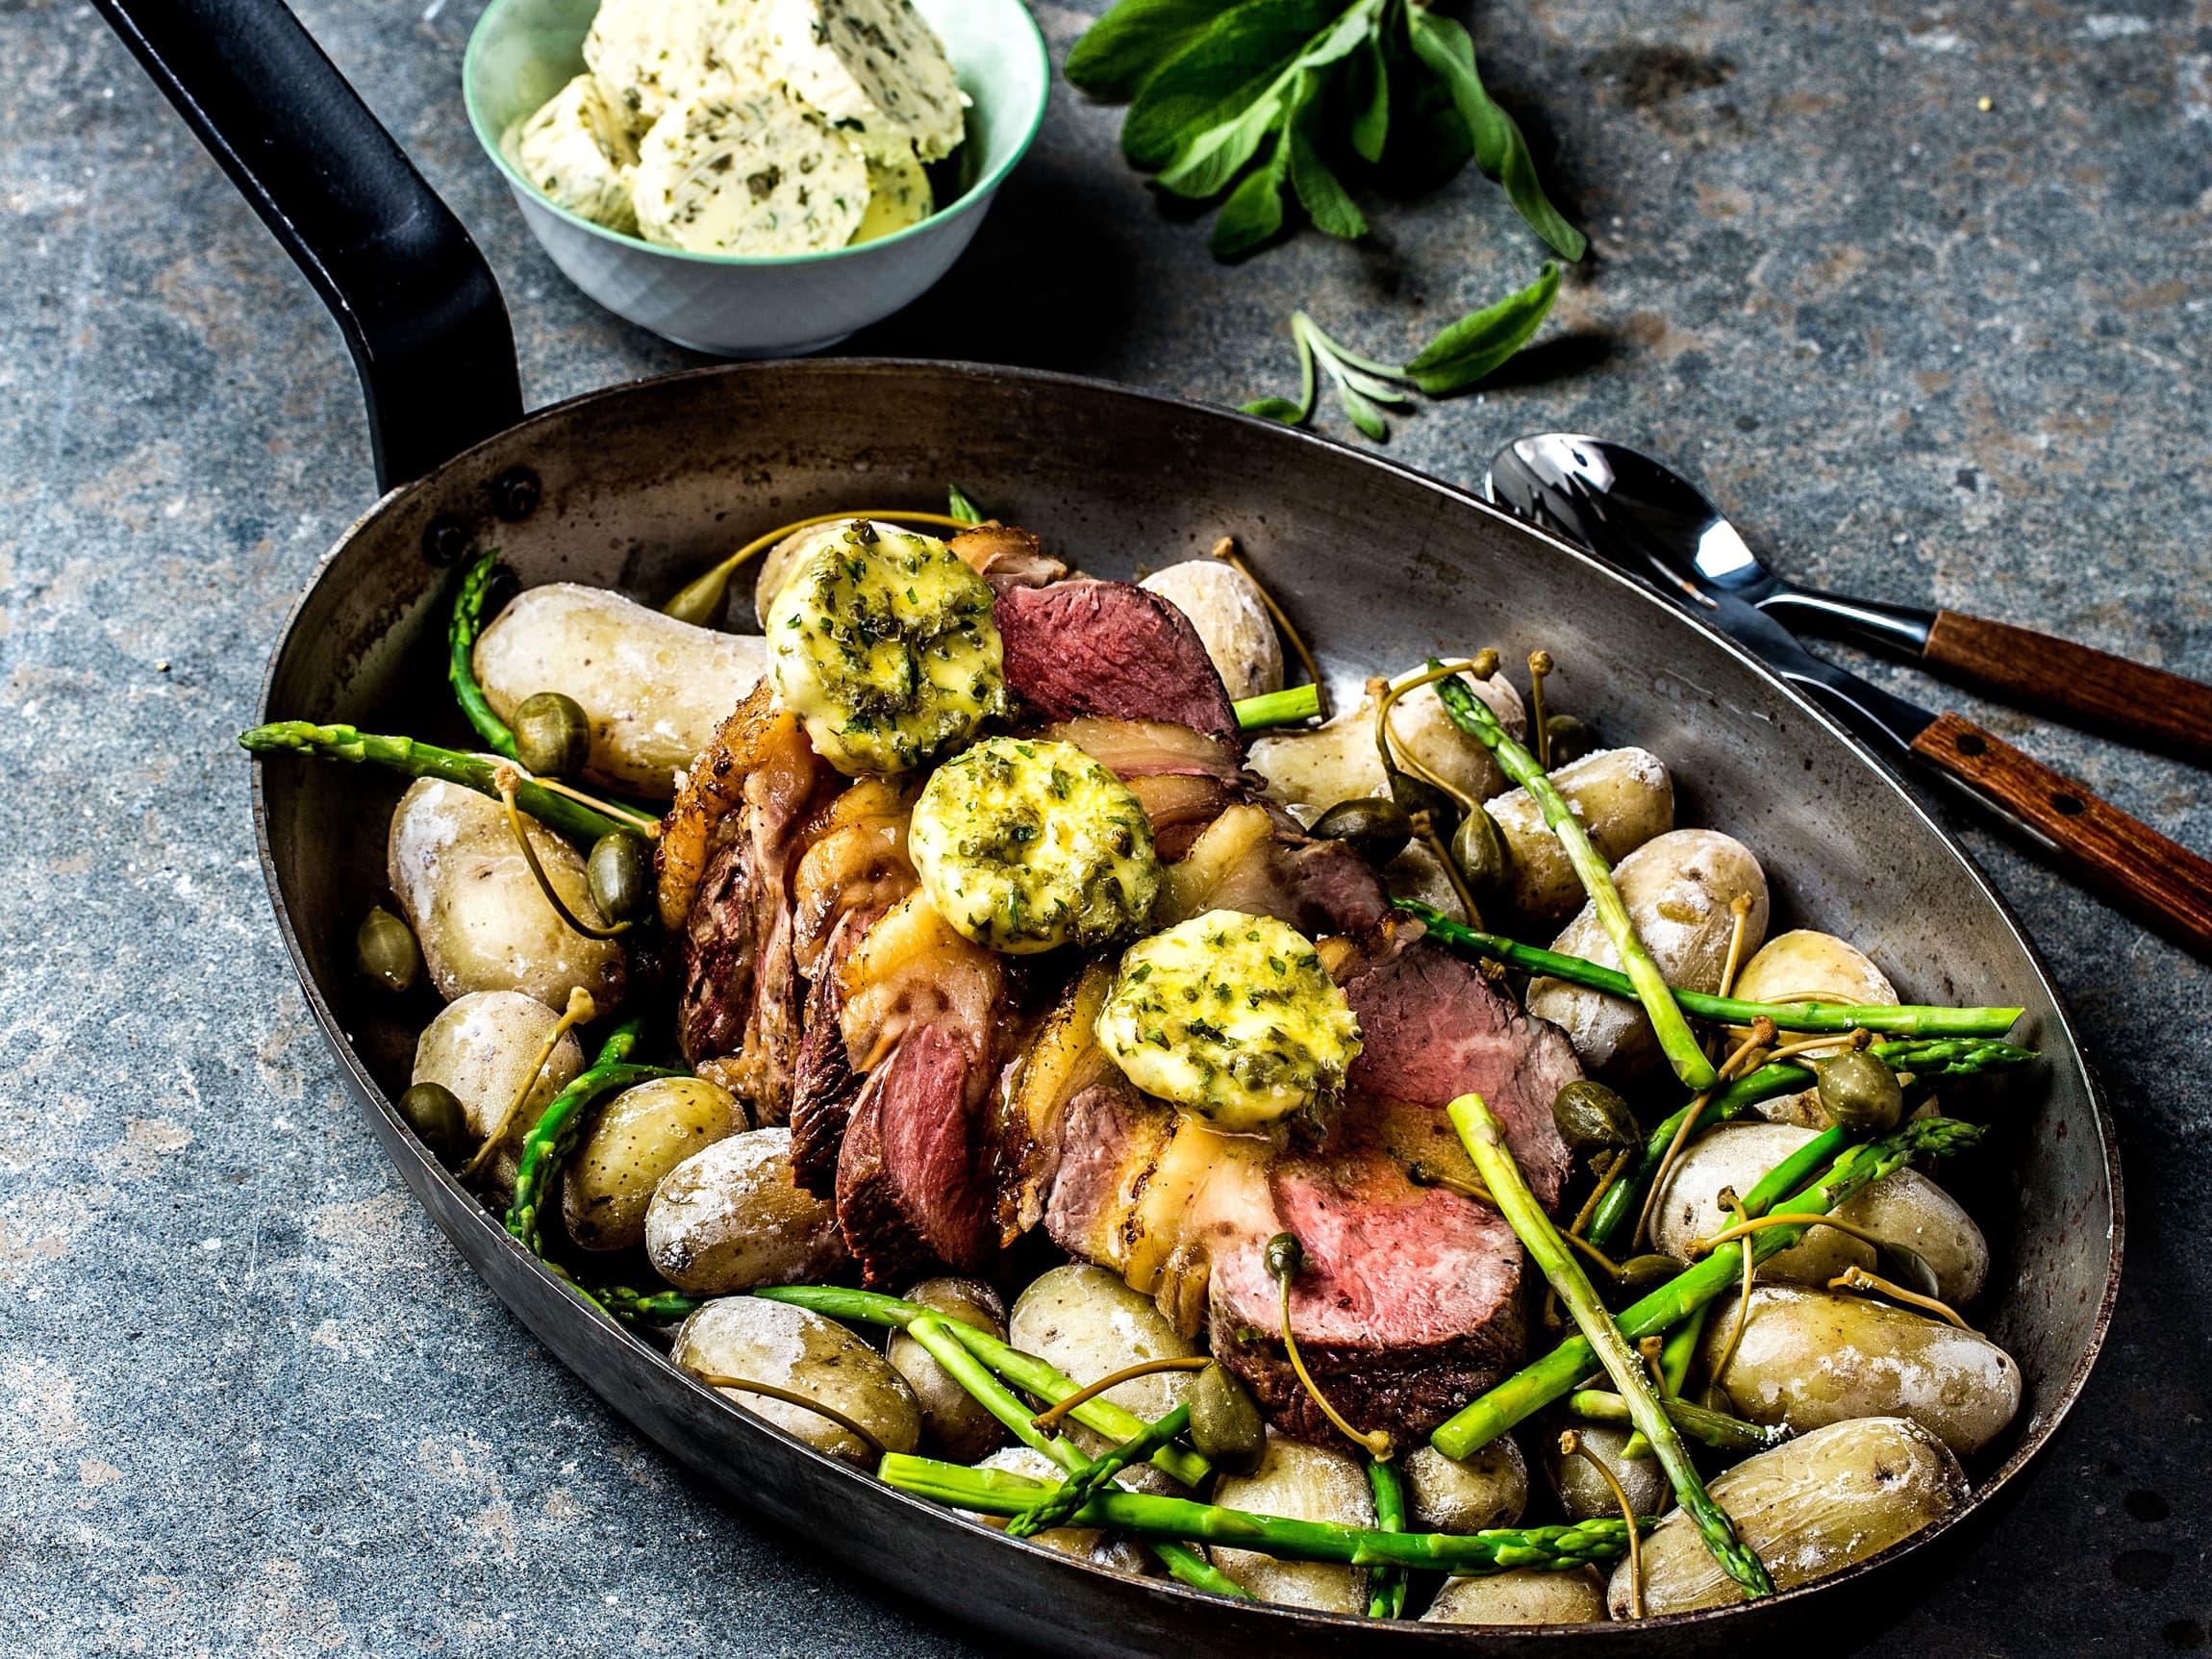 Server en litt bedre middag med Jacobs Utvalgte ytrefilet, saltkokte nypoteter og persillesmør.